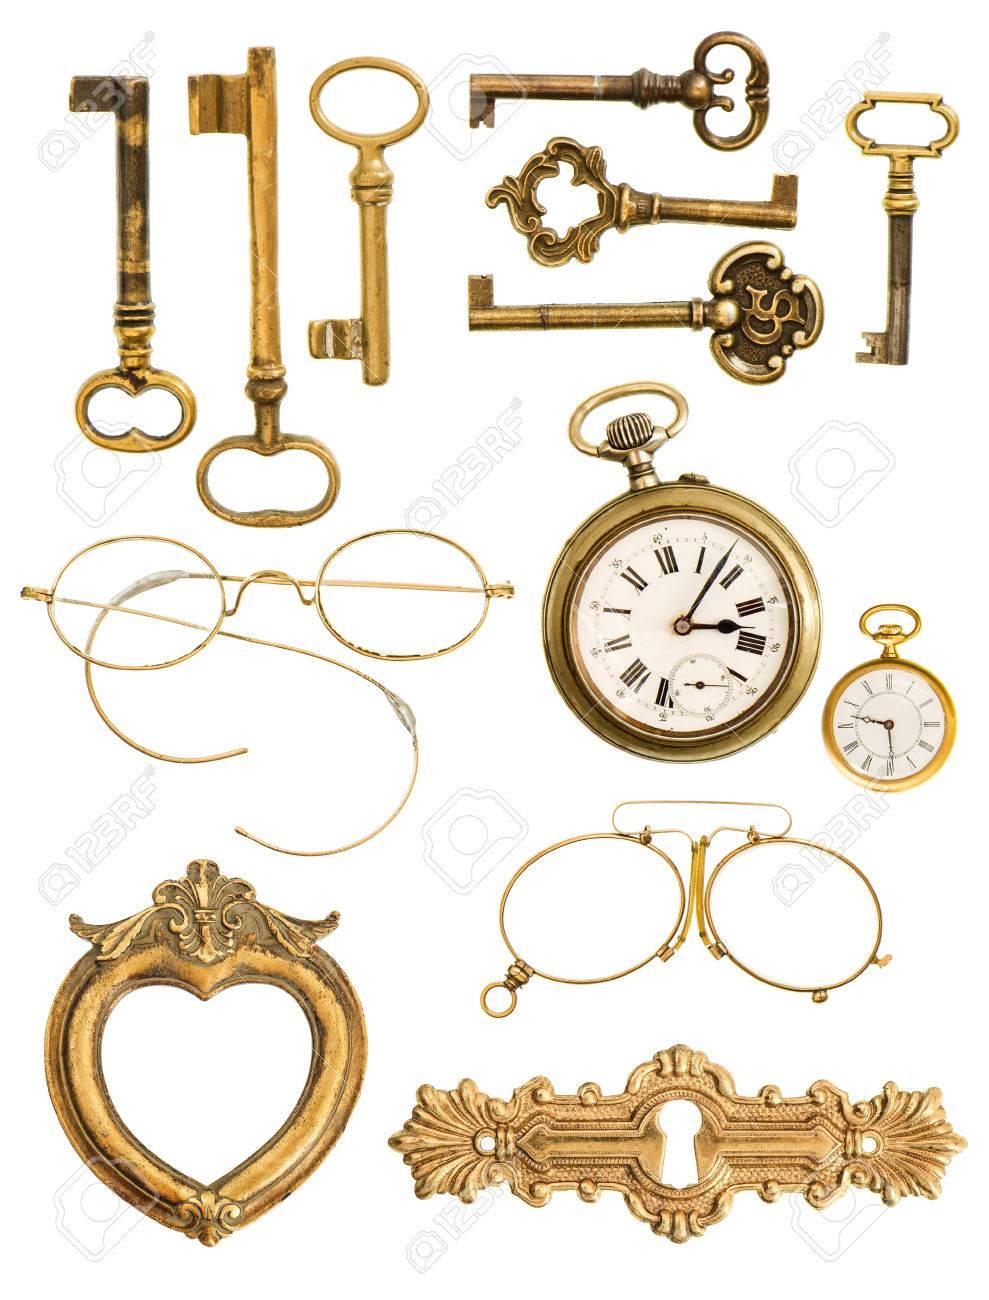 Sammlung Von Goldenen Vintage-Accessoires Antiken Schlüssel, Uhr ...